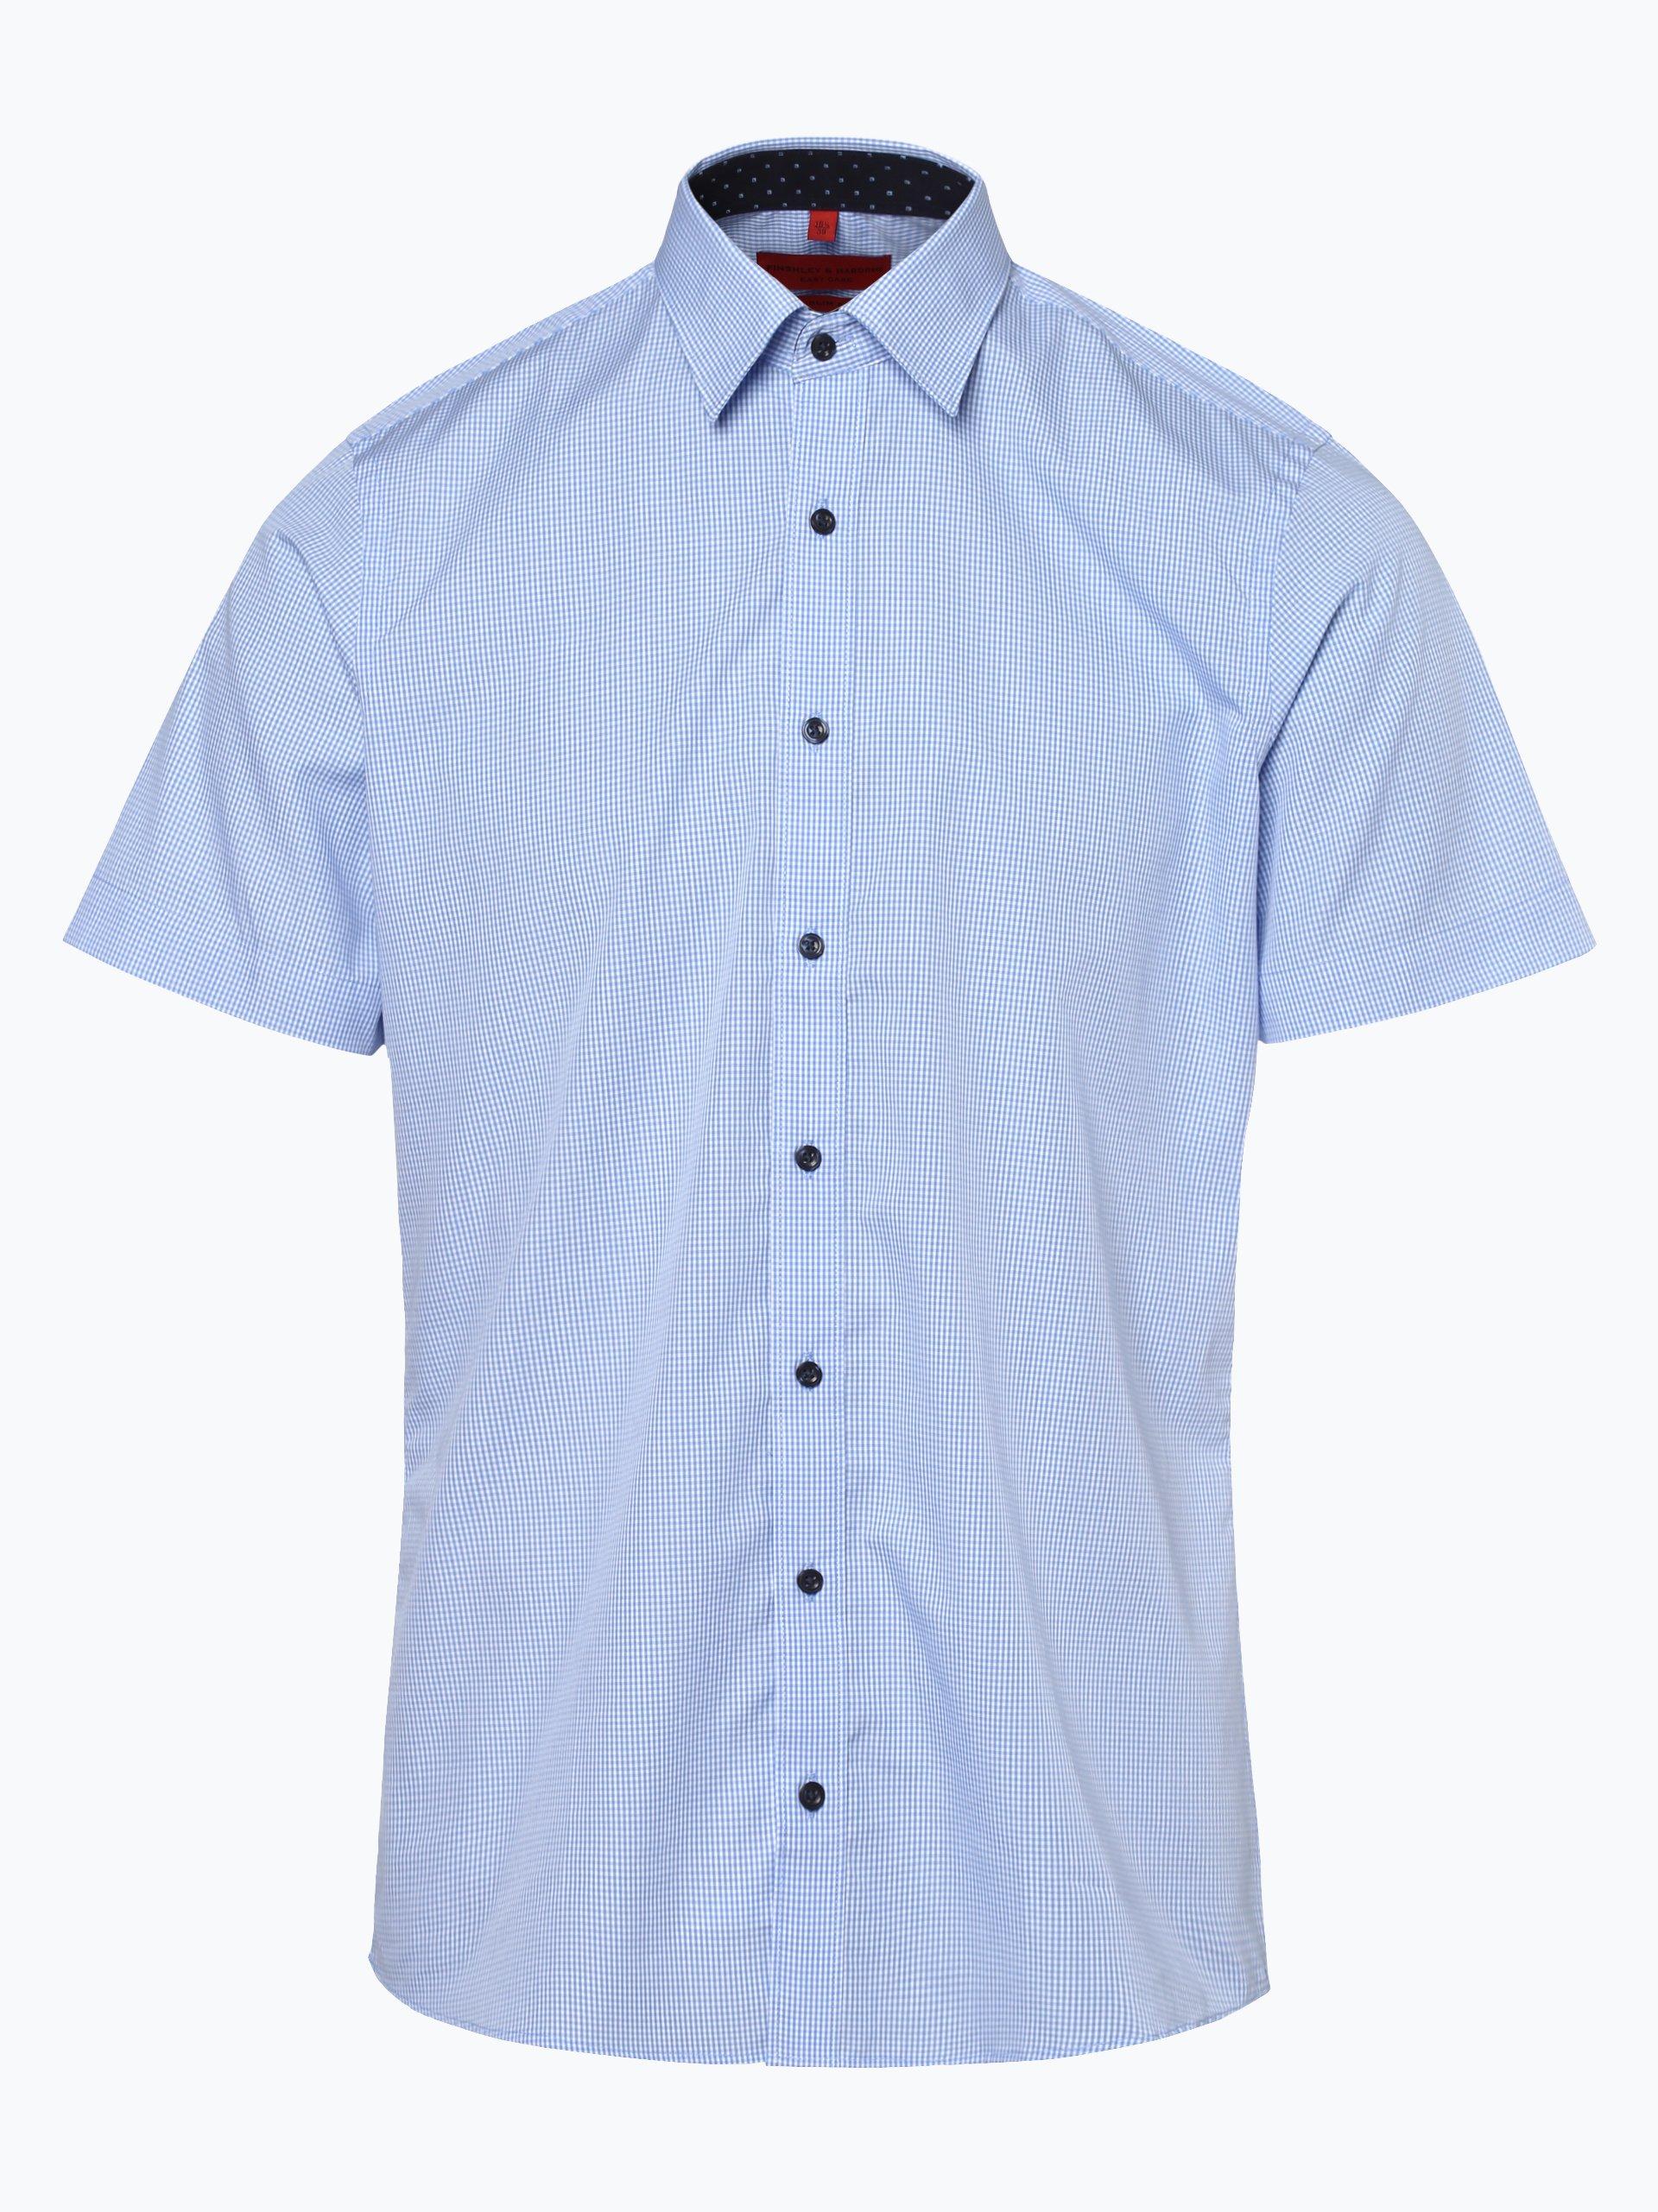 Finshley & Harding Herren Hemd - Bügelleicht